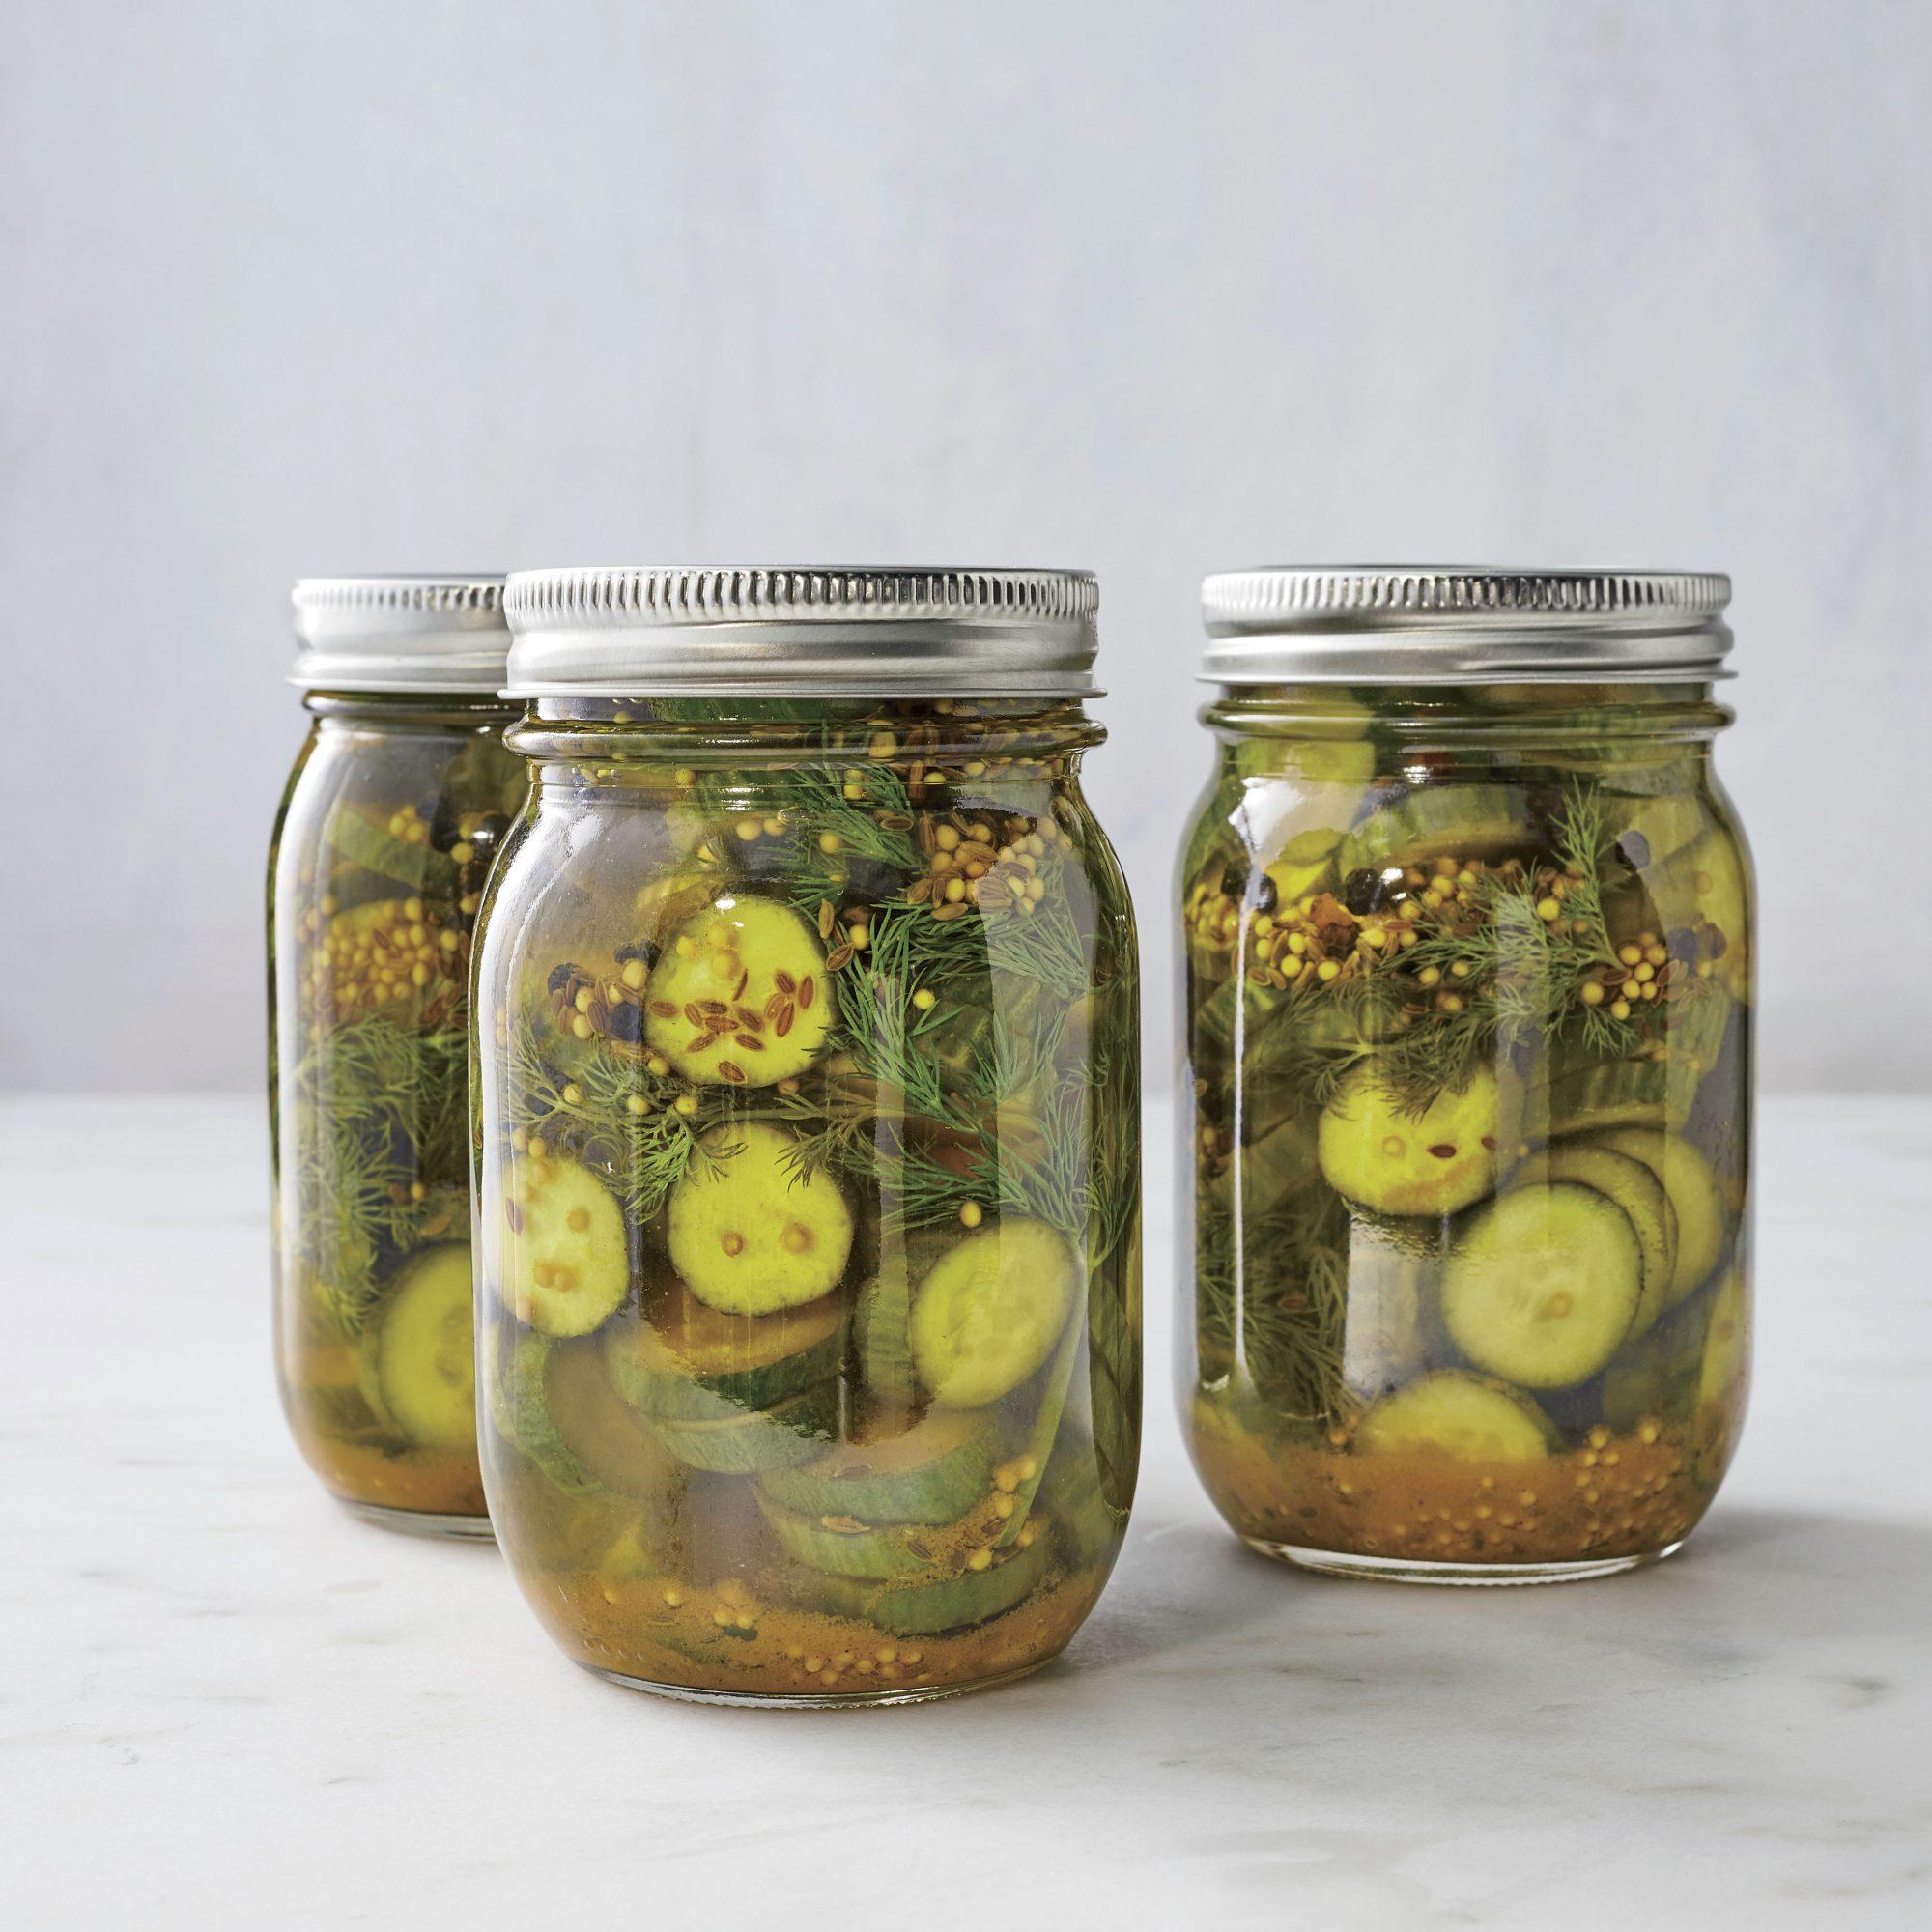 Turmeric-Dill Cucumbers